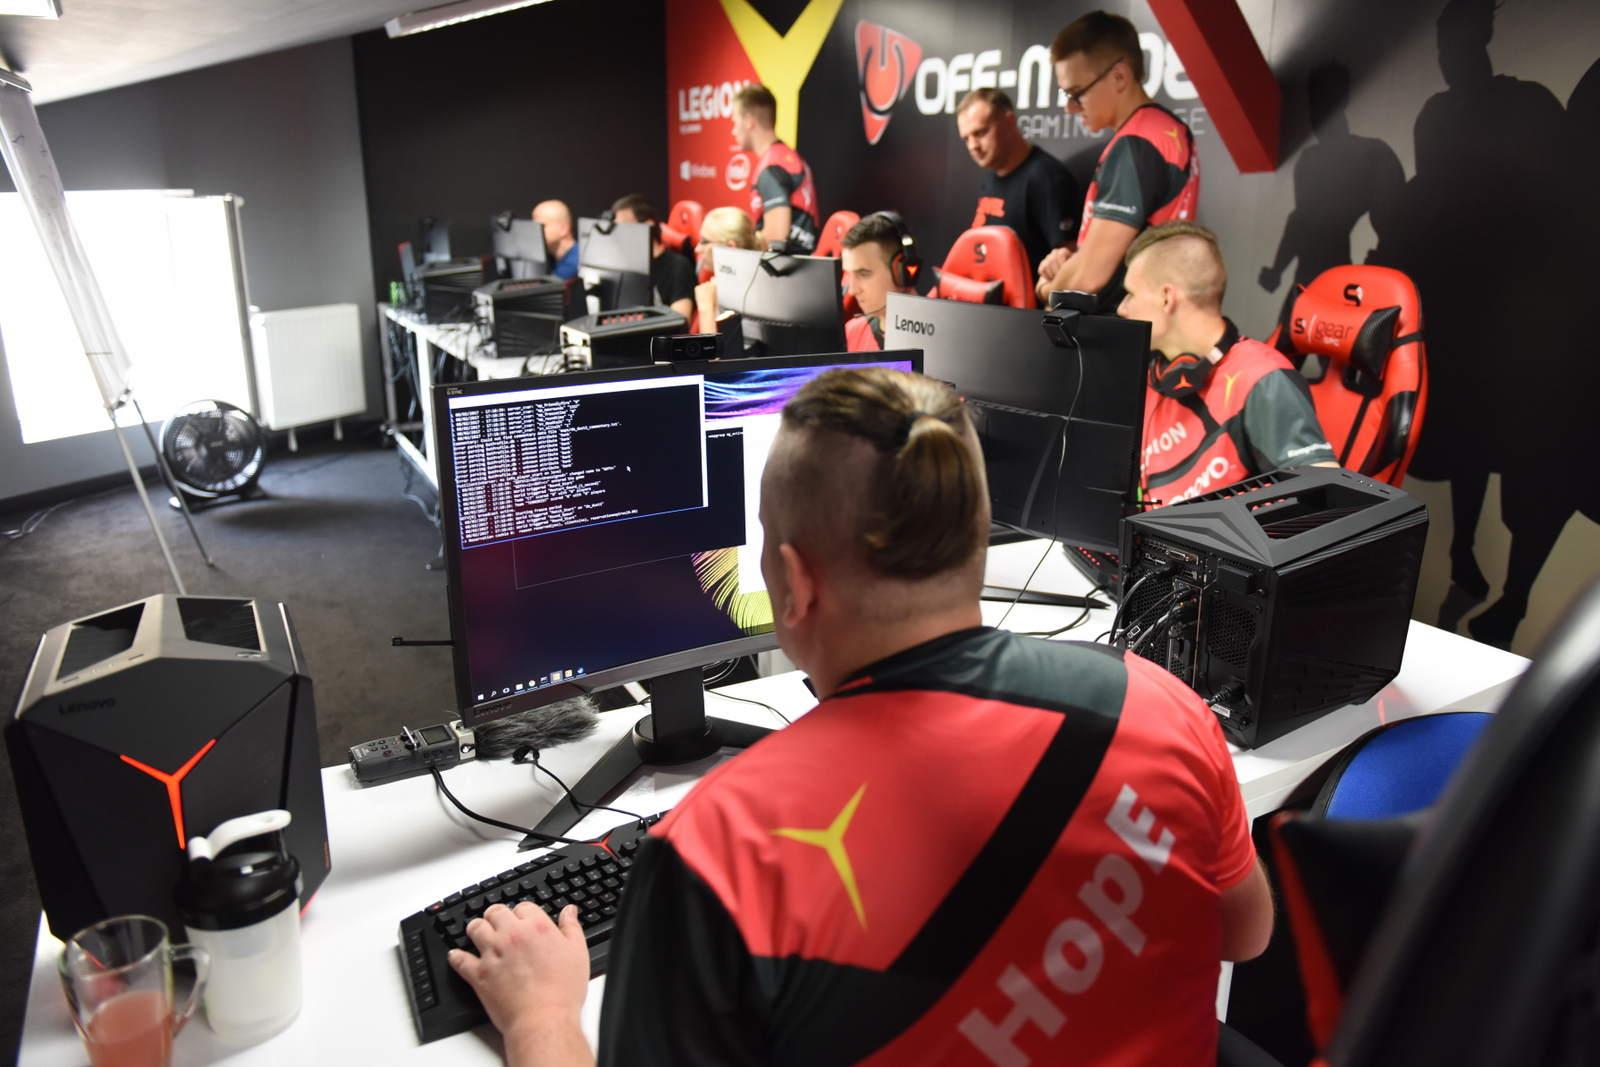 The Legion ekipa e-sportowa - zdjęcie 3